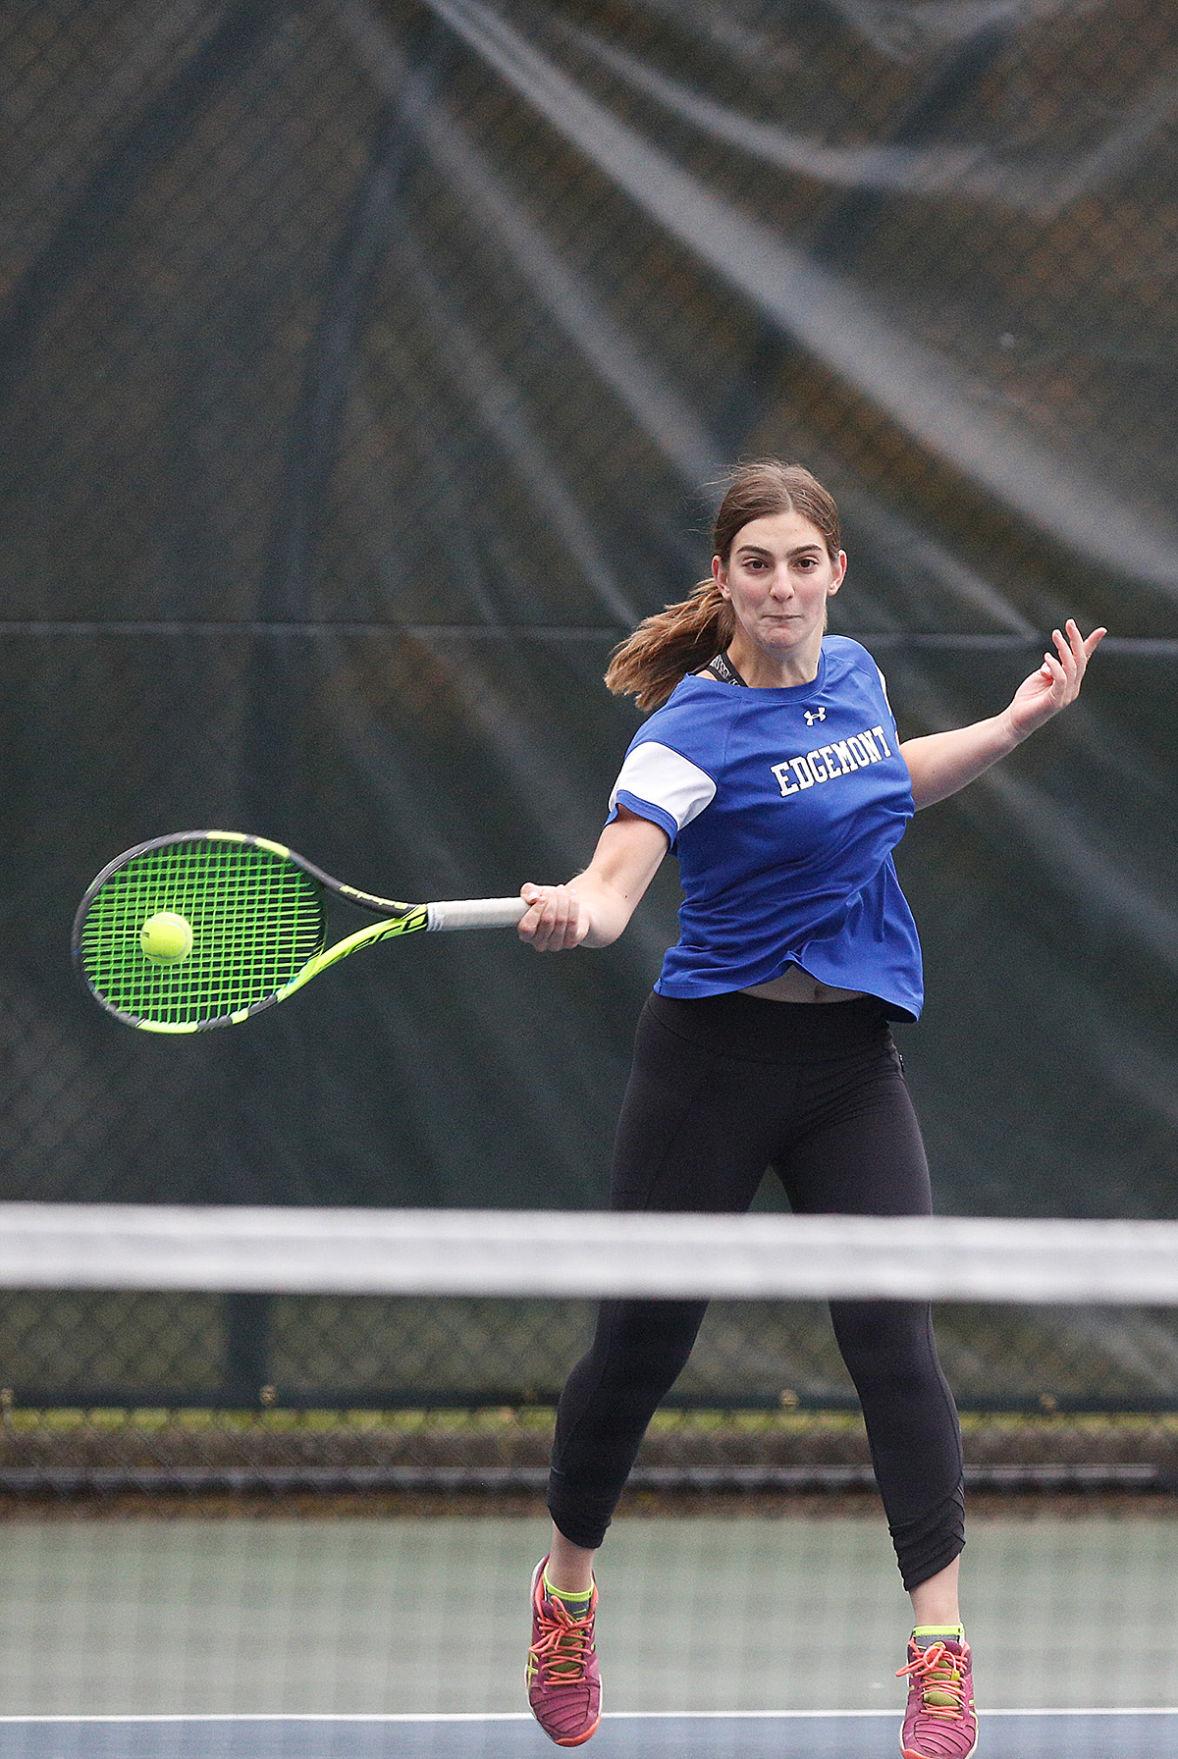 Edgemont tennis